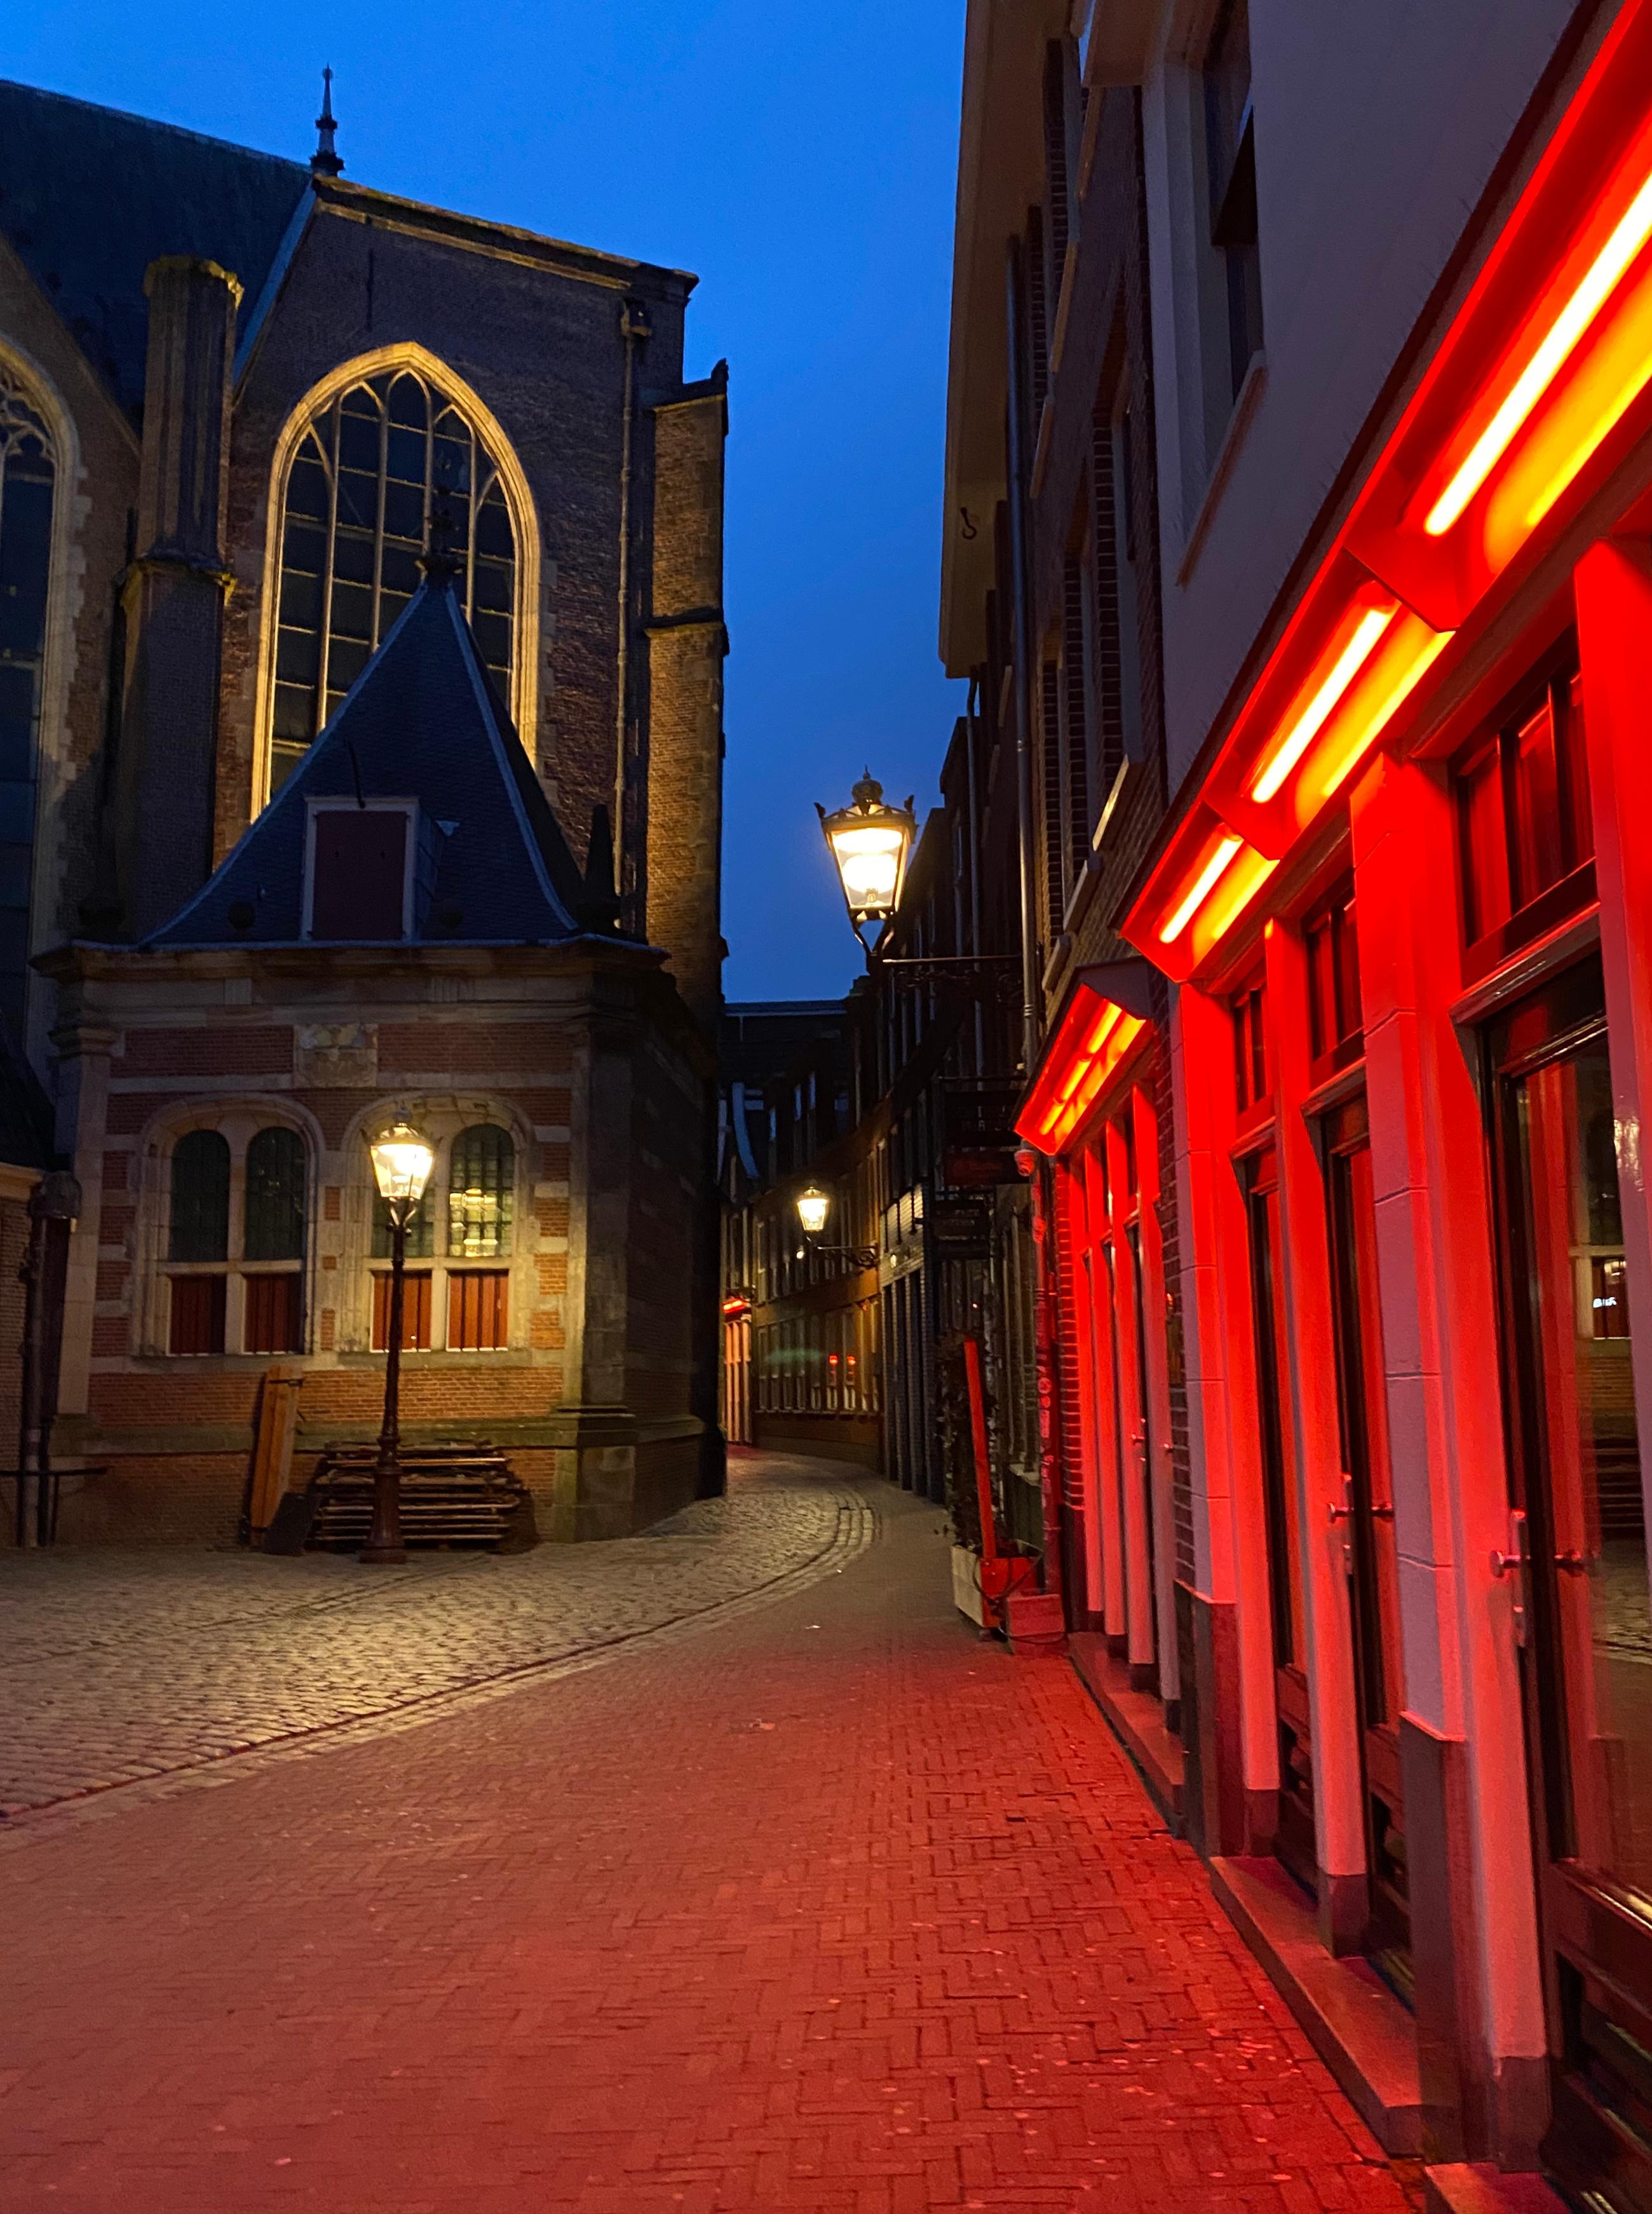 wallen, amsterdam, lockdown, fotos, fiets, leeg, apocalyptisch